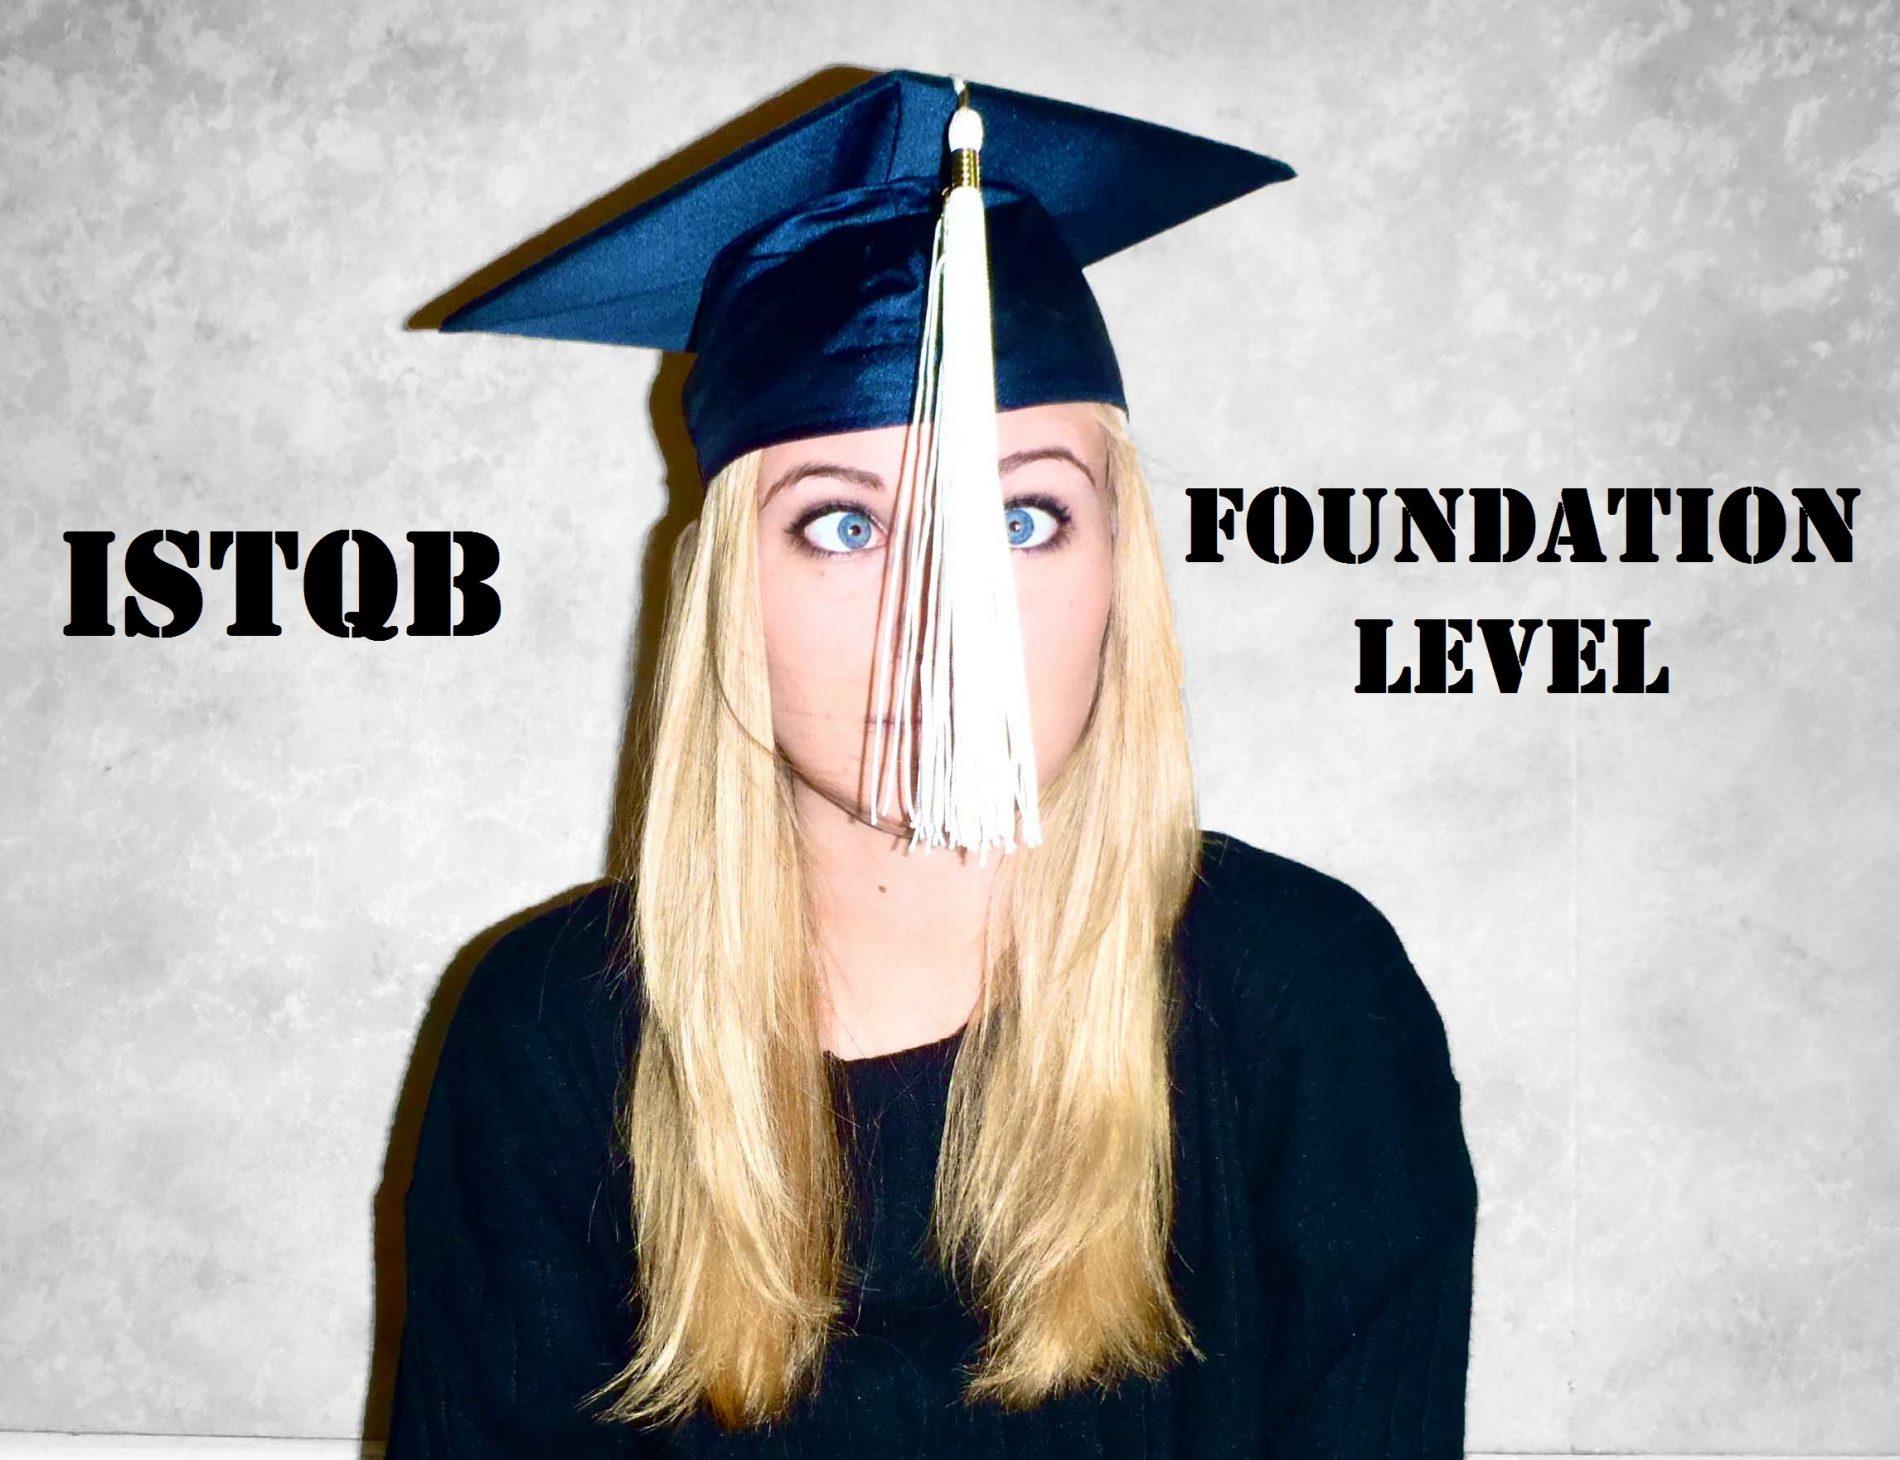 ¿Cómo aprobar el examen de ISTQB Foundation?